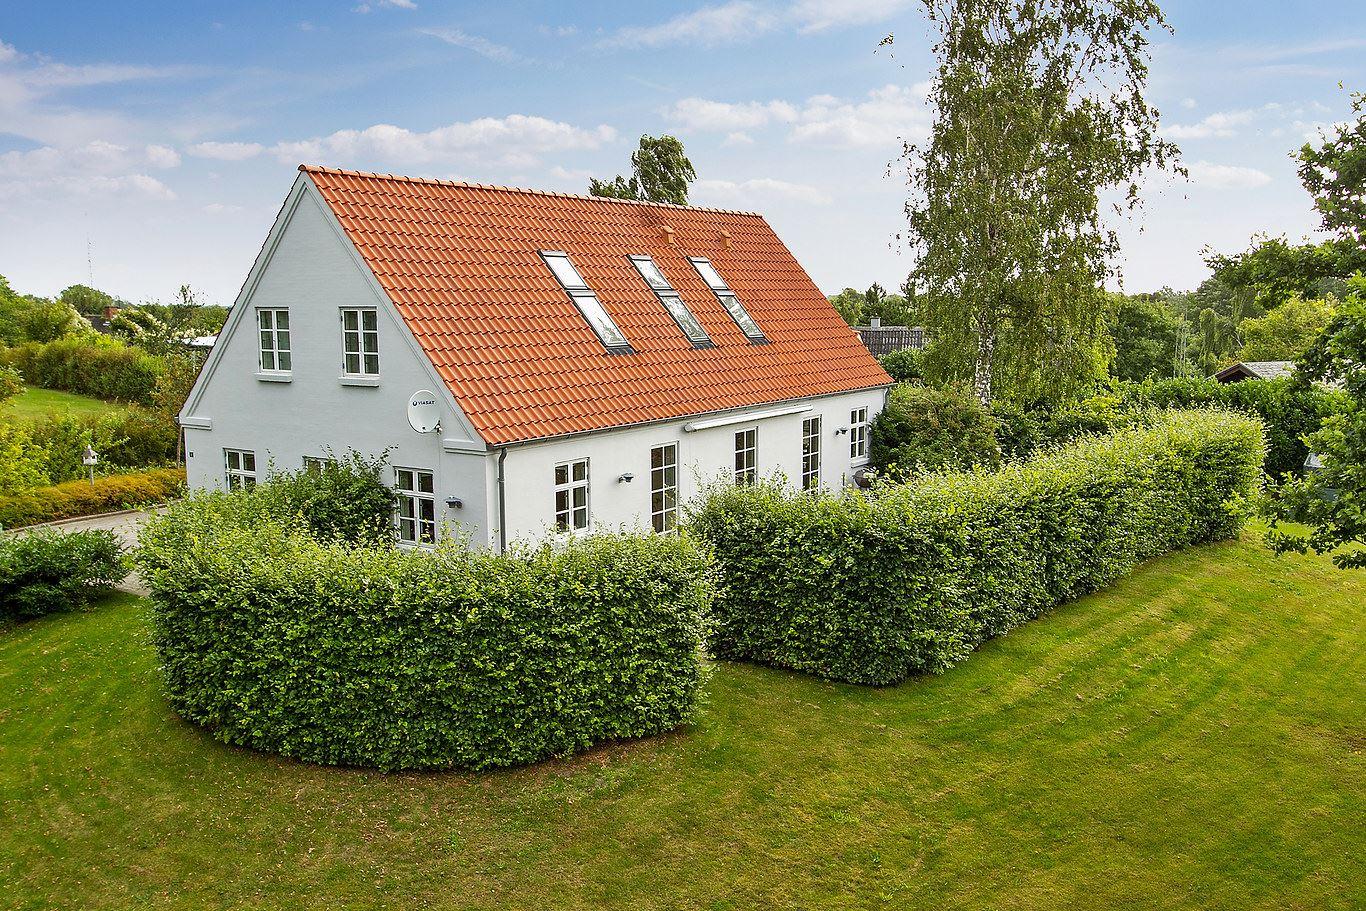 Gl Holbækvej 11, Stårup, 4500 Nykøbing Sj